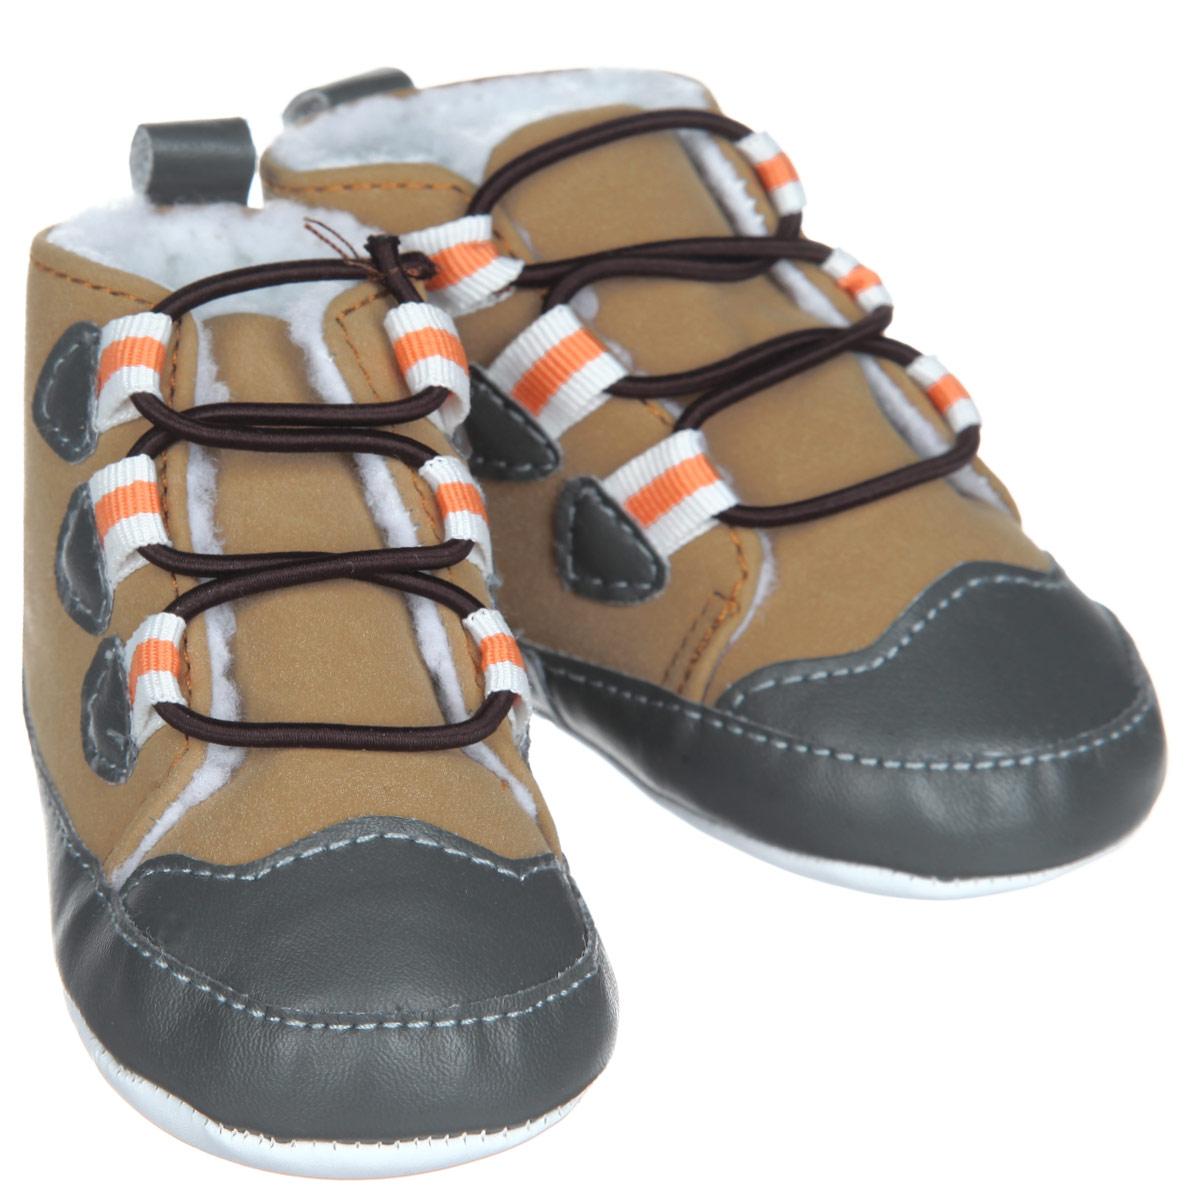 Пинетки для мальчика Luvable Friends Теплые ботинки, цвет: бежевый, серый, оранжевый. 11784. Размер 0/6 месяцев пинетки luvable friends пинетки клетчатые кеды